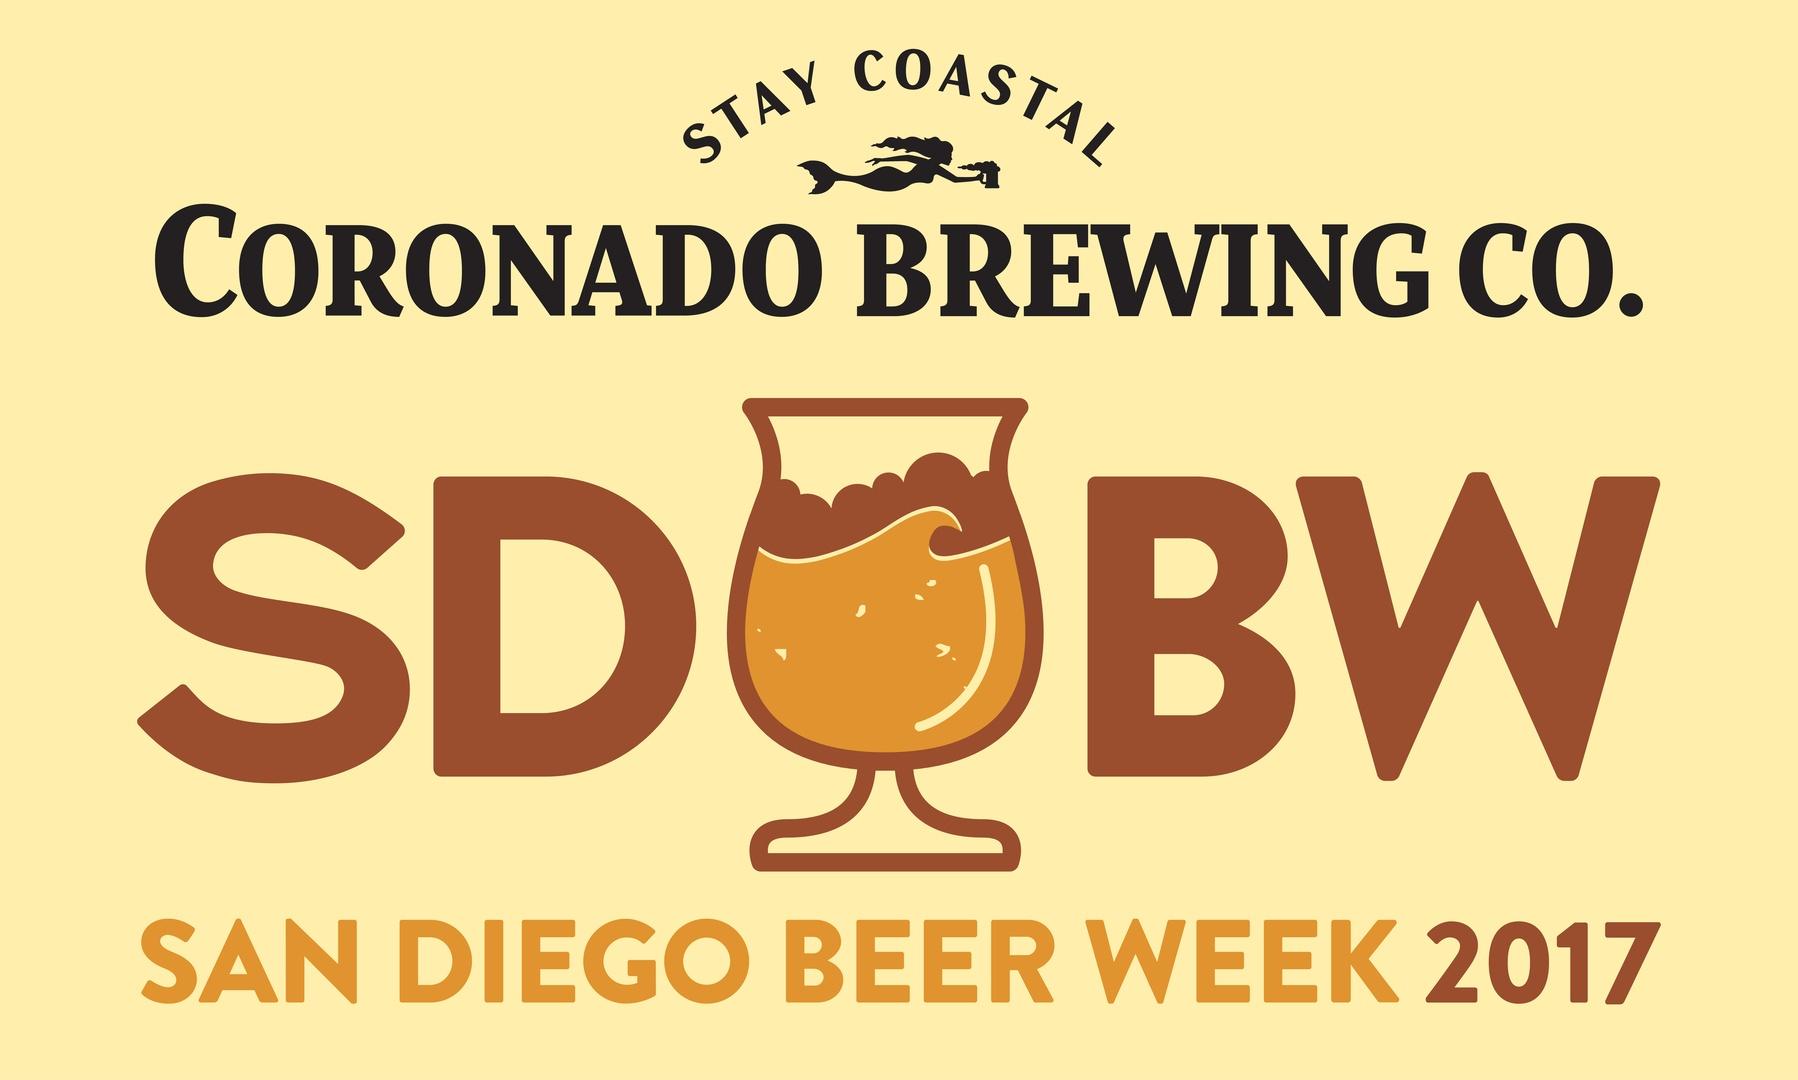 Coronado SDBW 2017